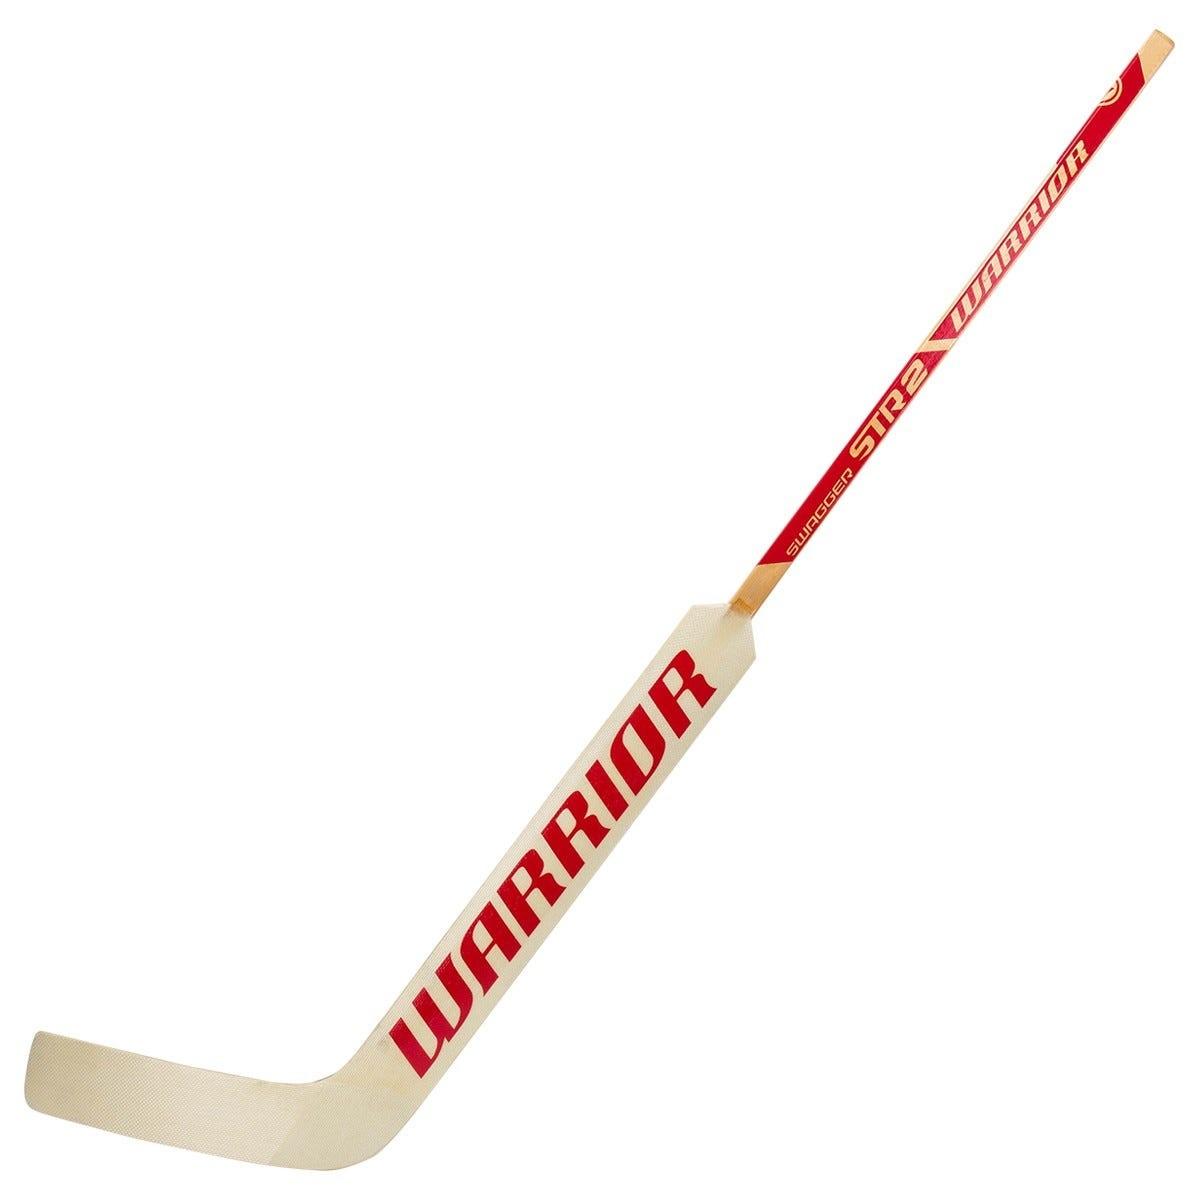 WARRIOR Swagger STR2 Senior Goalie Stick